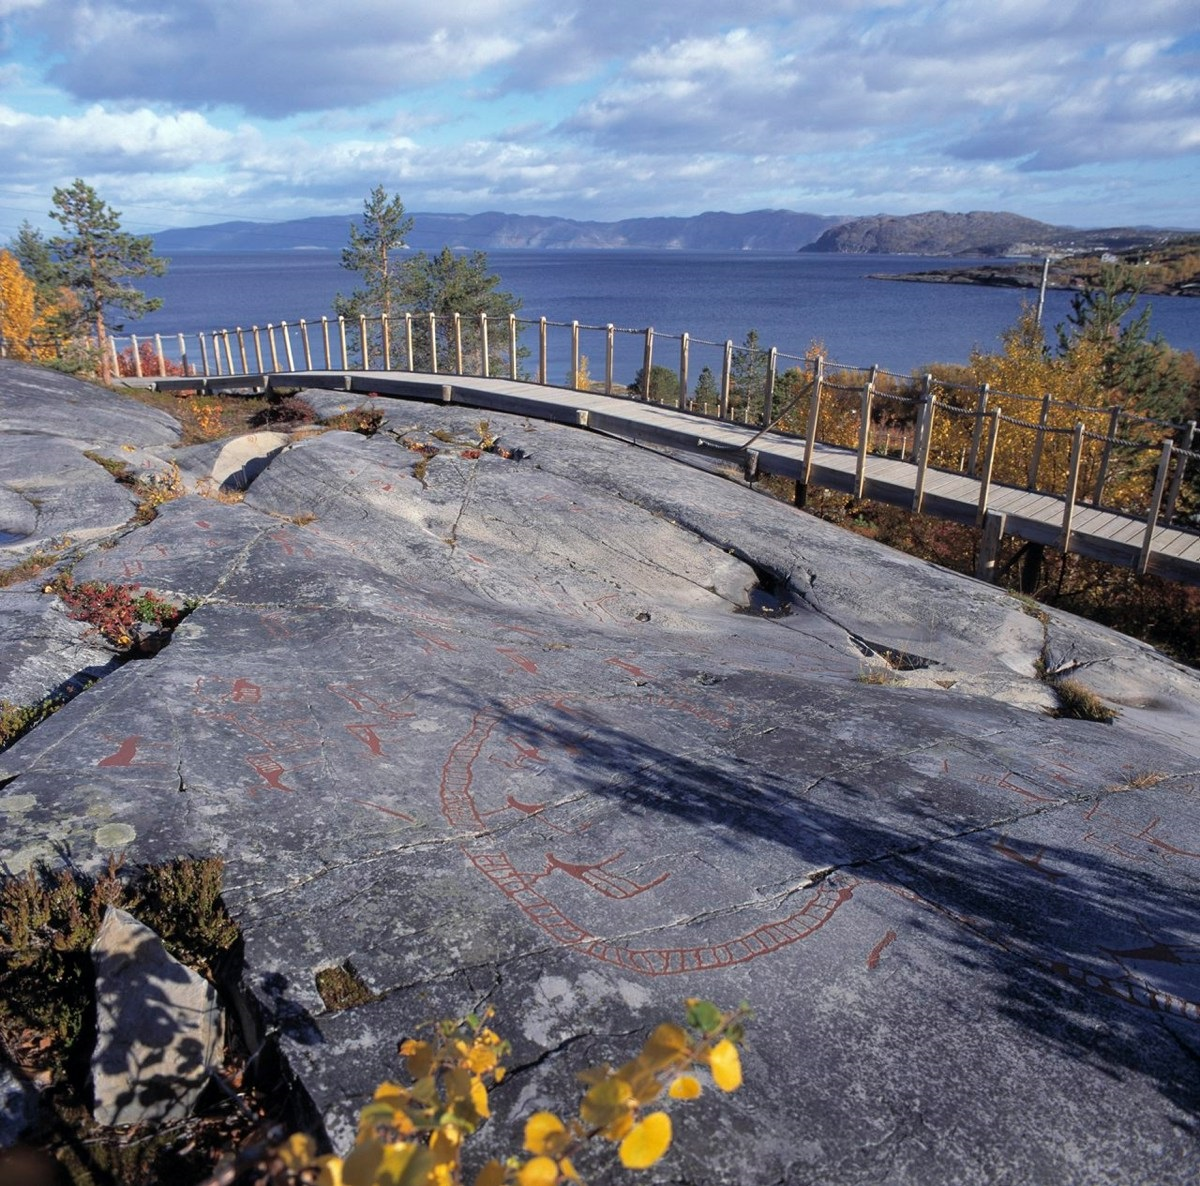 Bergkunst i Hjemmeluft Alta. Gangbro ved helleristninger som tilrettelegging for turisme ved Alta museum. Foto: Arve Kjersheim / Riksantikvaren